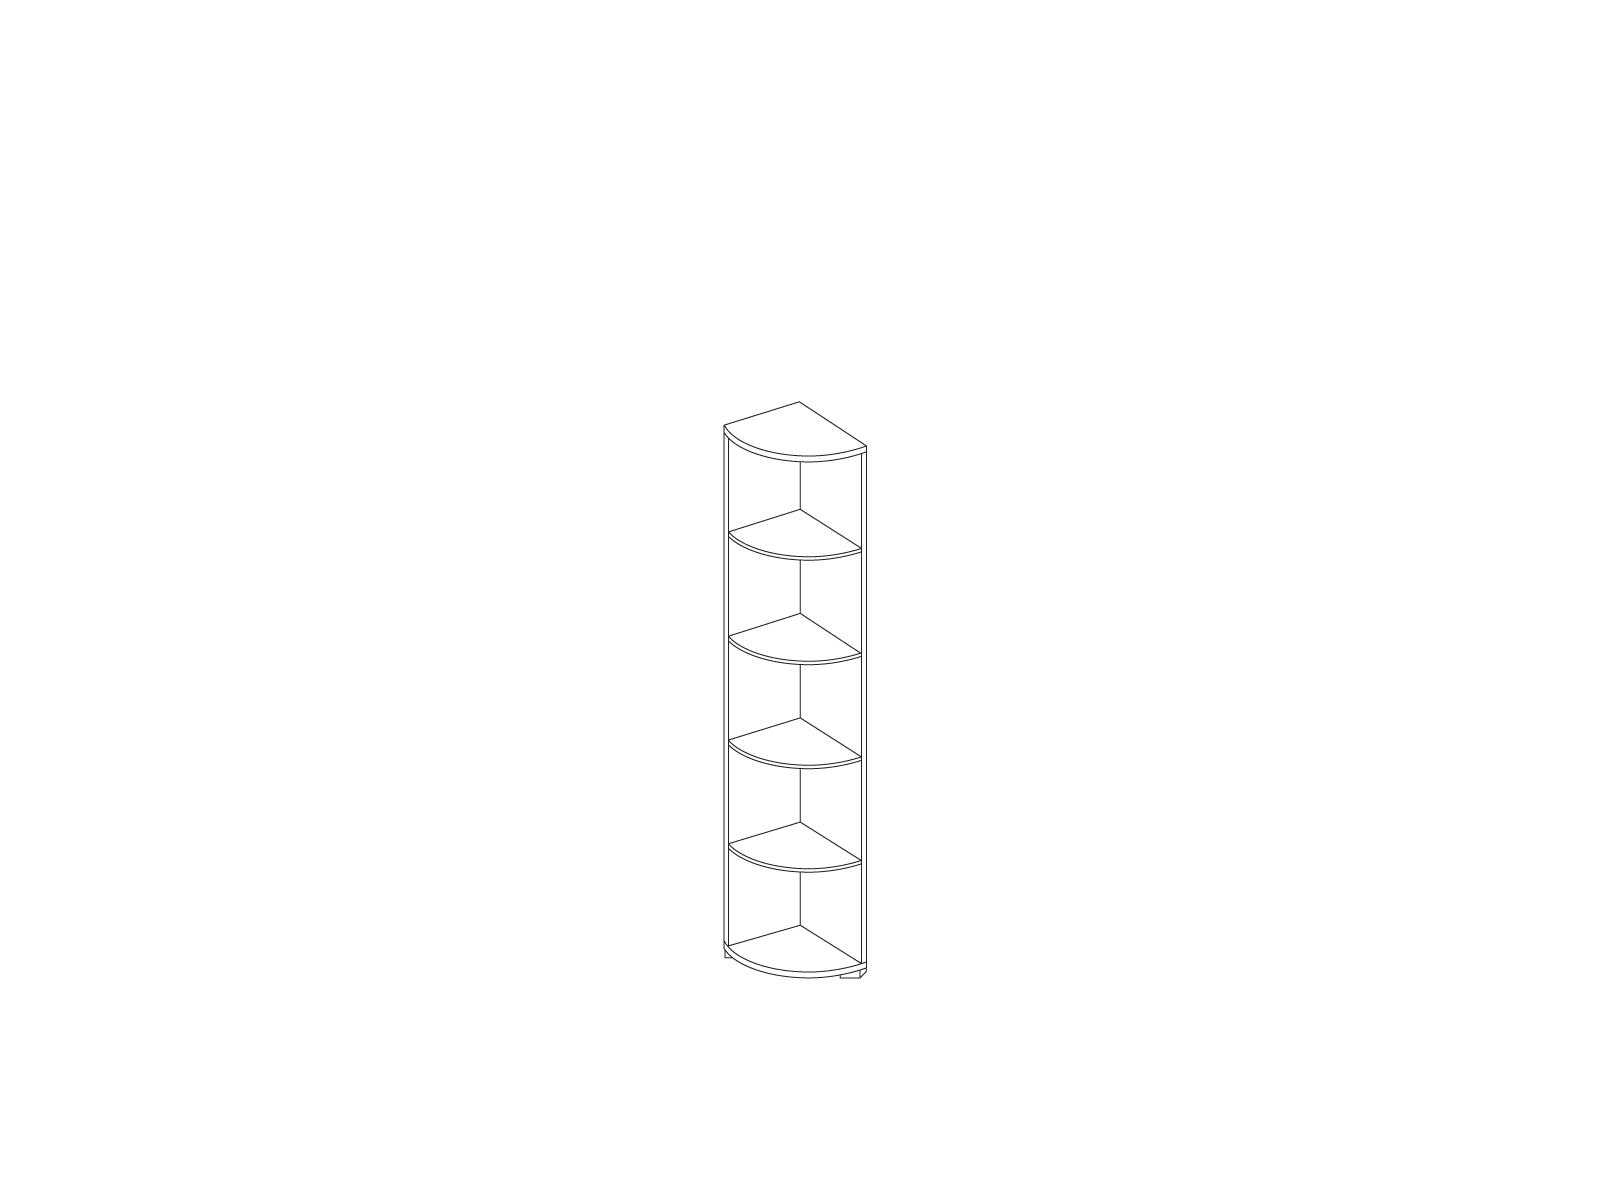 Стеллаж угловой «Прато» Кураж